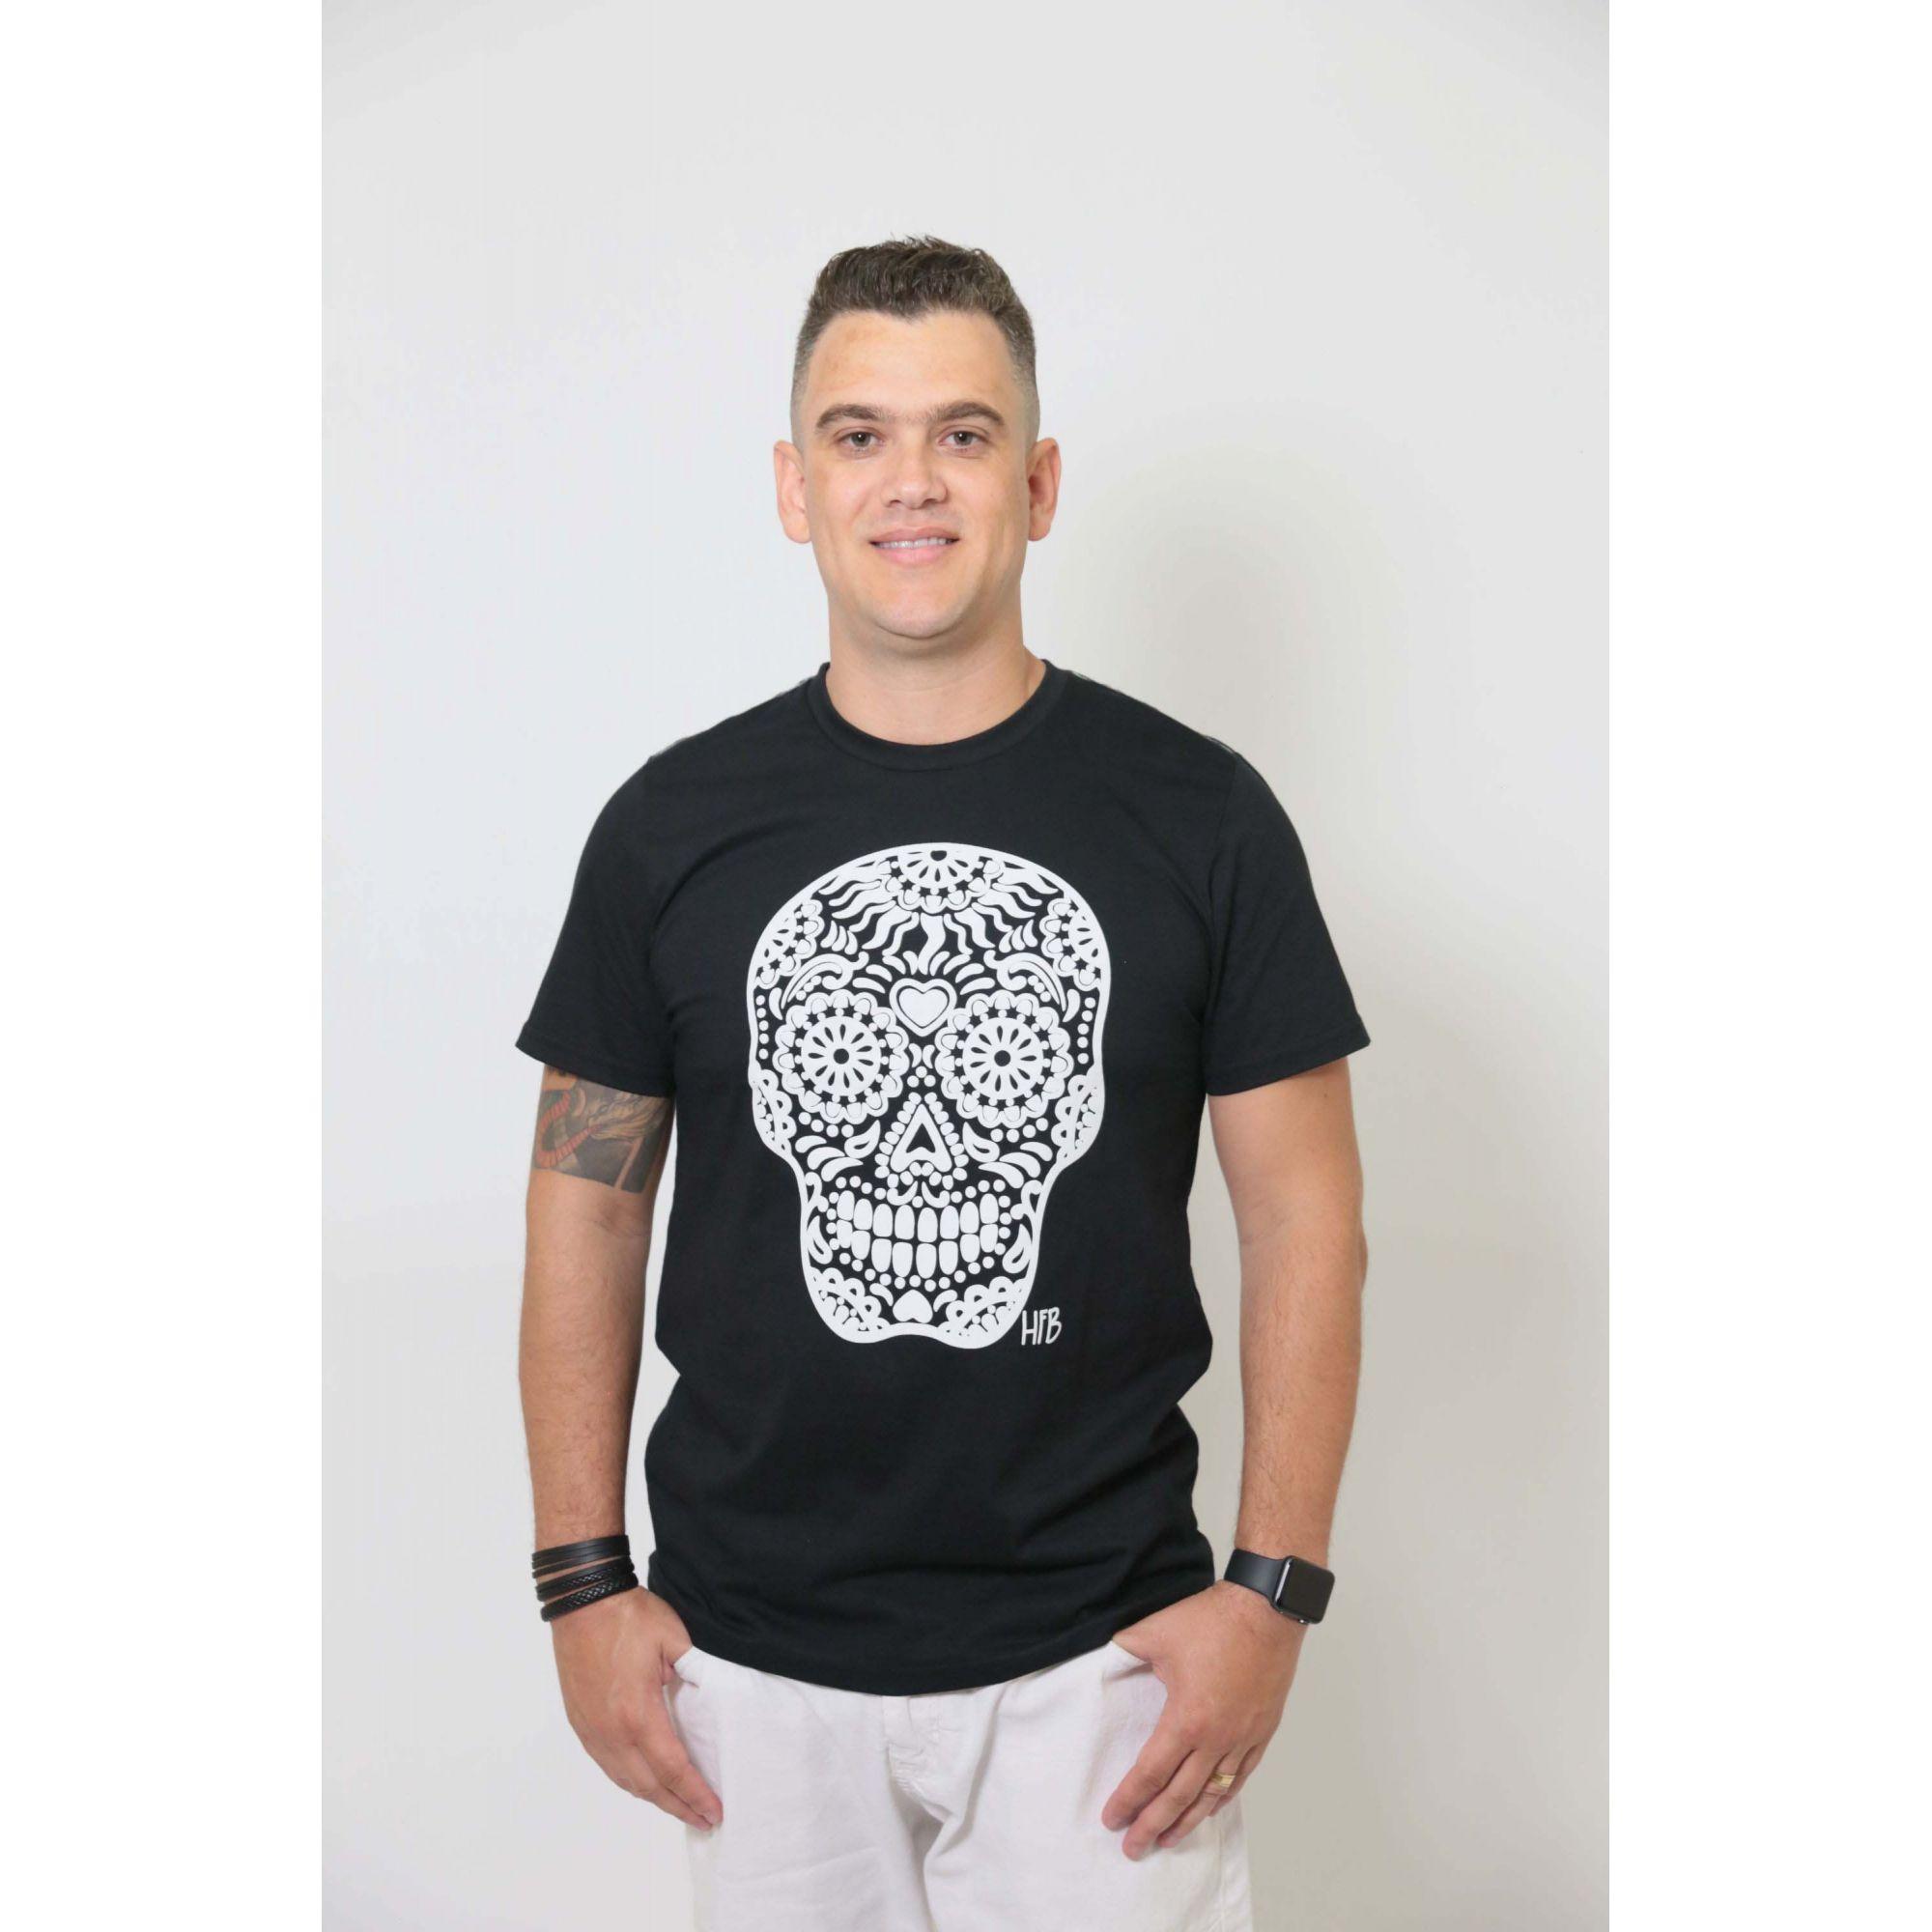 PAI E FILHO > 02 Camisetas Pretas Com Caveiras Mexicanas Alto Relevo [Coleção Tal Pai Tal Filho]  - Heitor Fashion Brazil